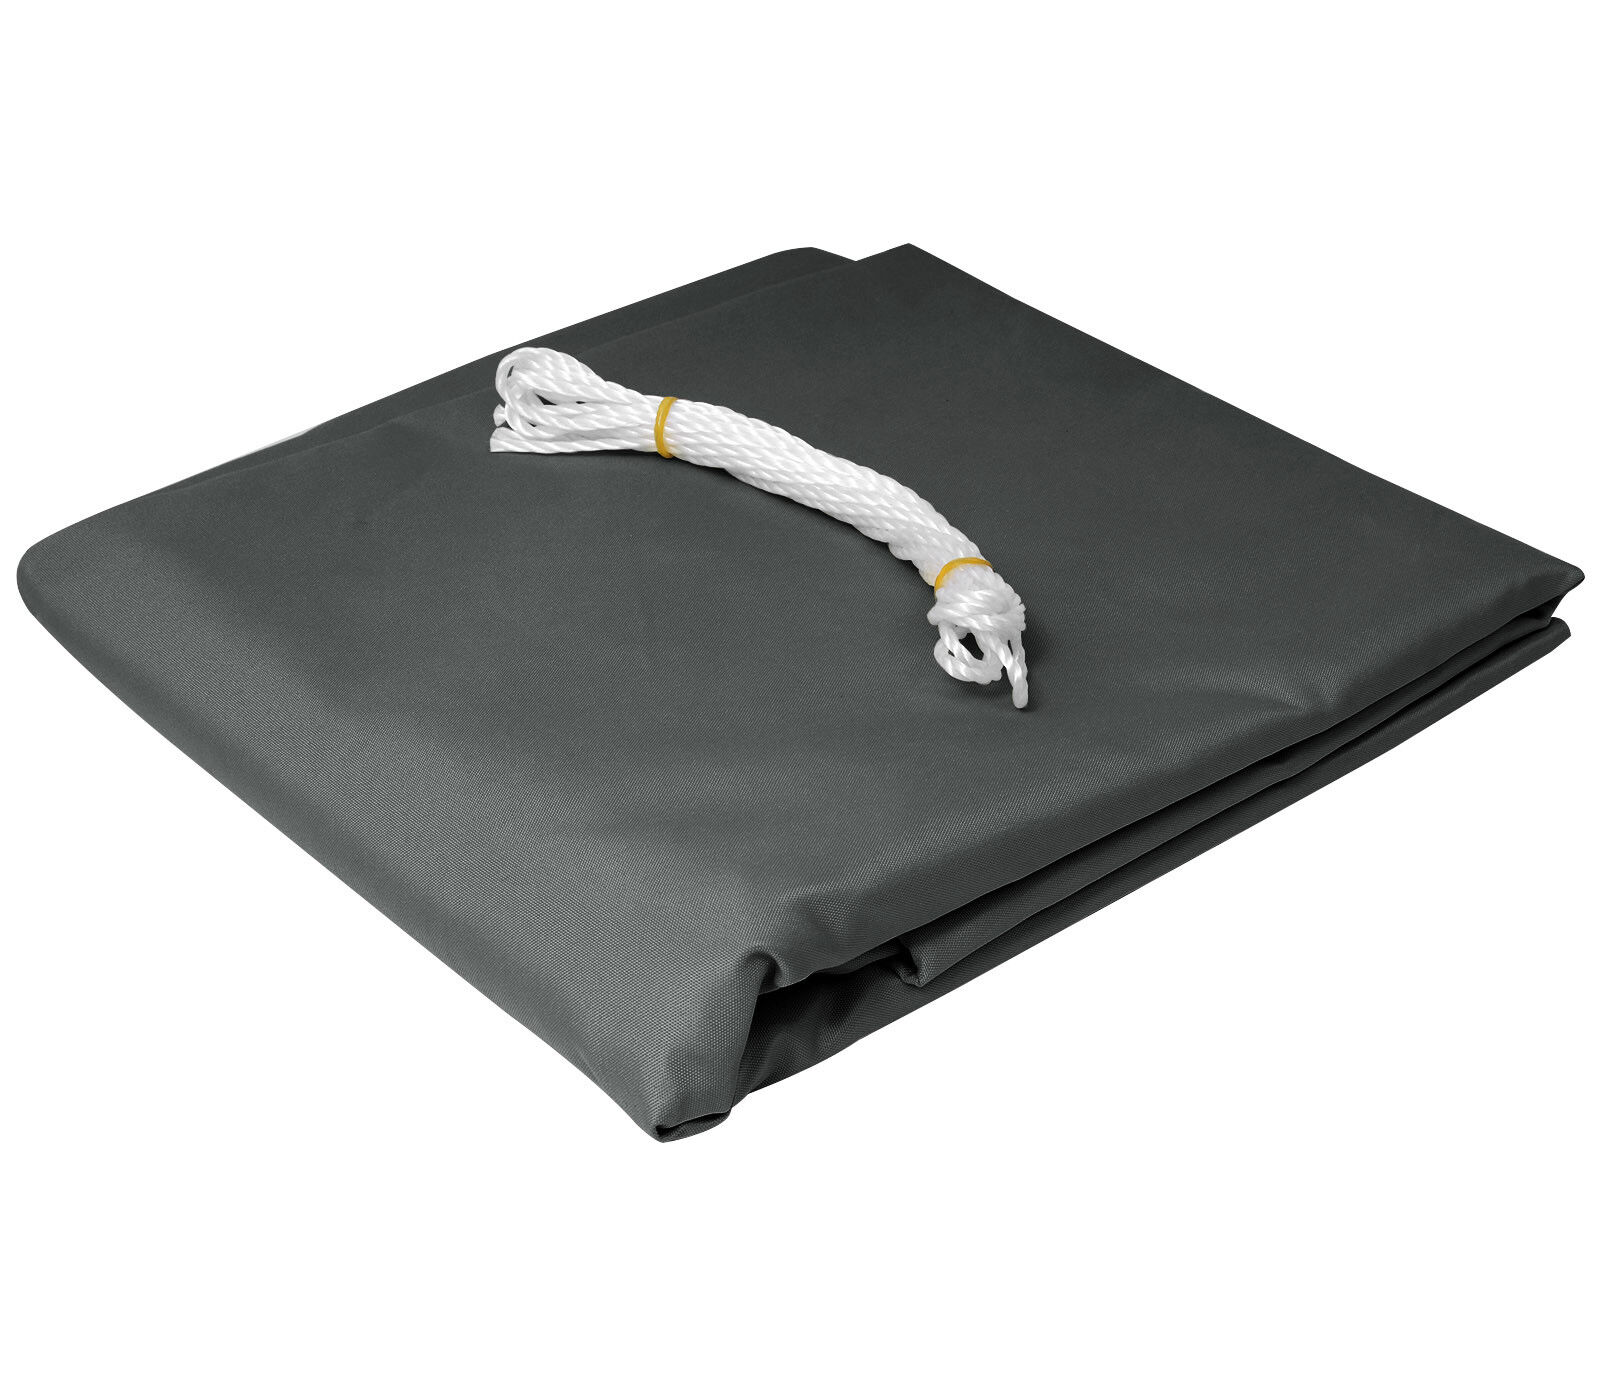 Sonnensegel Sonnenschutz Wasserabweisend Windschutz 100% Polyester Grau Grau Grau  609-gr | Schön geformt  | Neuer Stil  | New Style  298bba